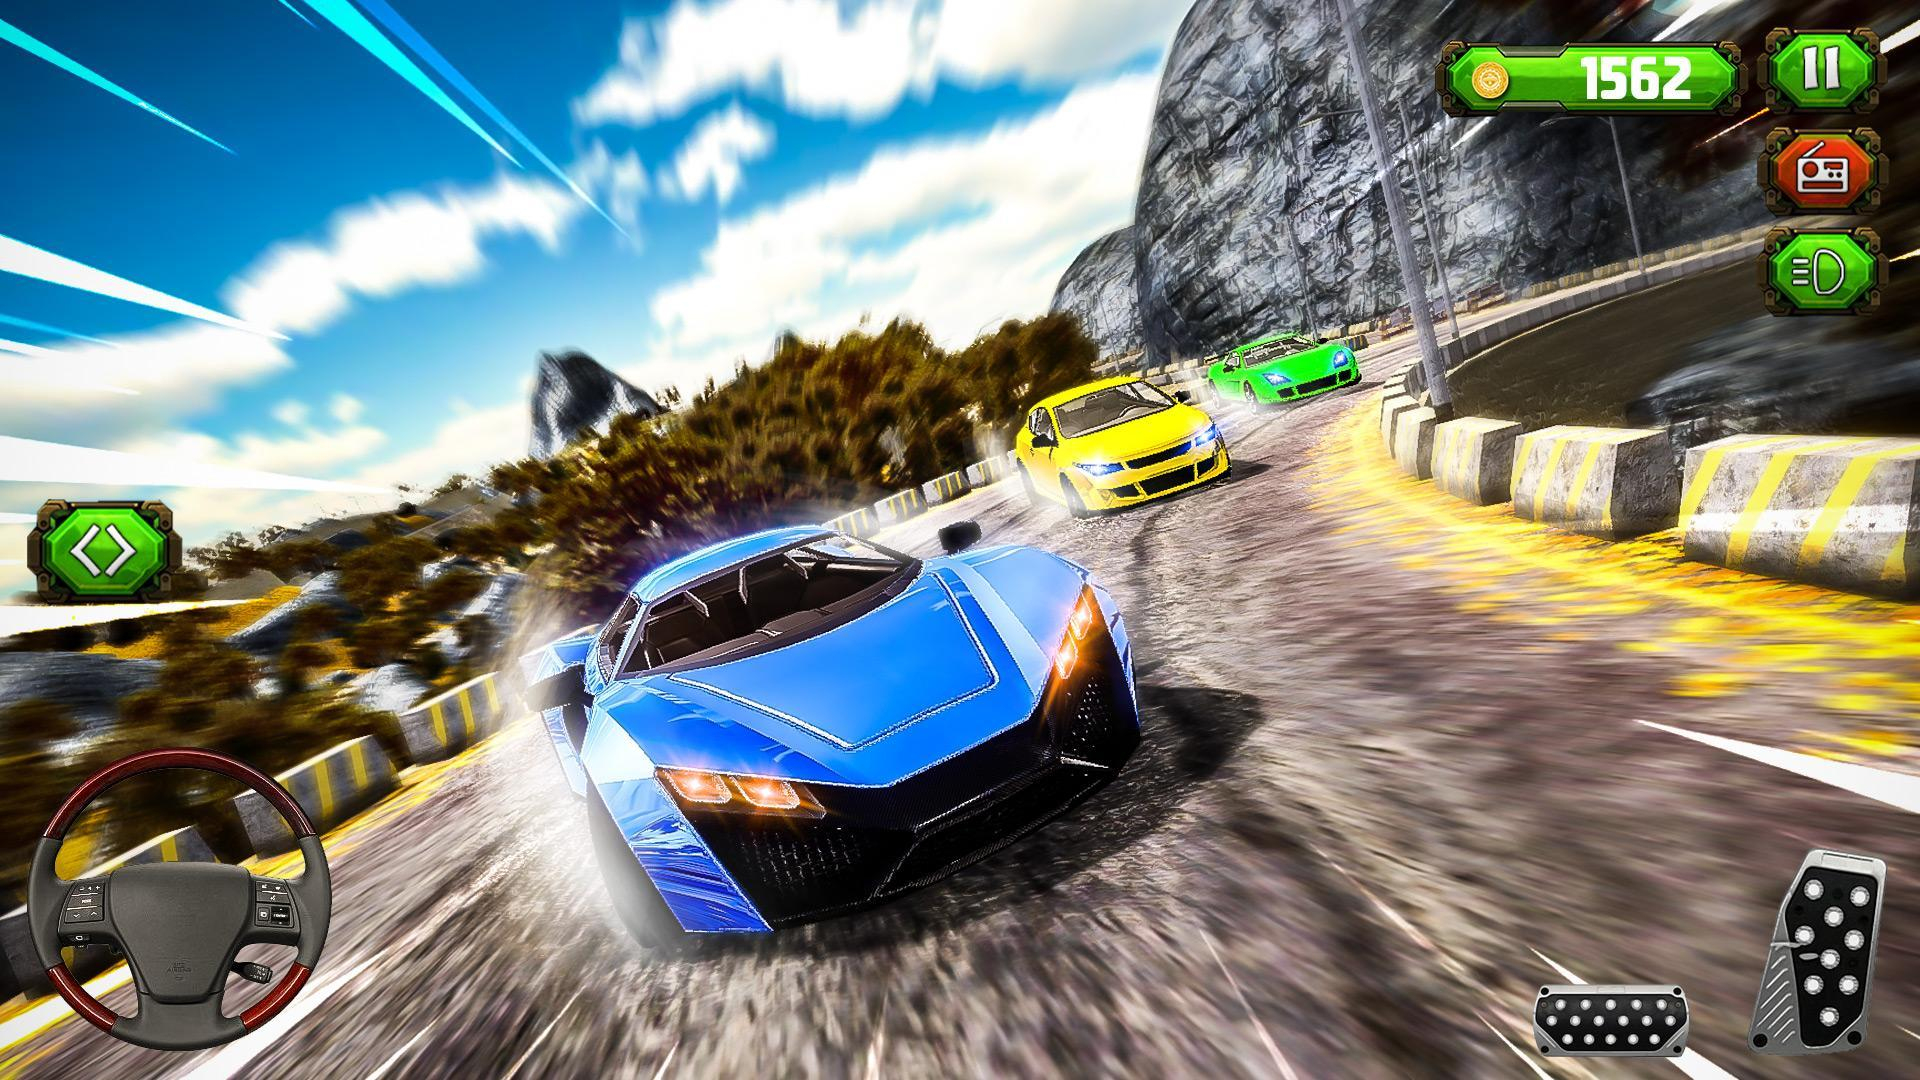 Jeux De Voiture 2020: Jeu De Course Automobile Pour Android à Jeu De Voitur De Course